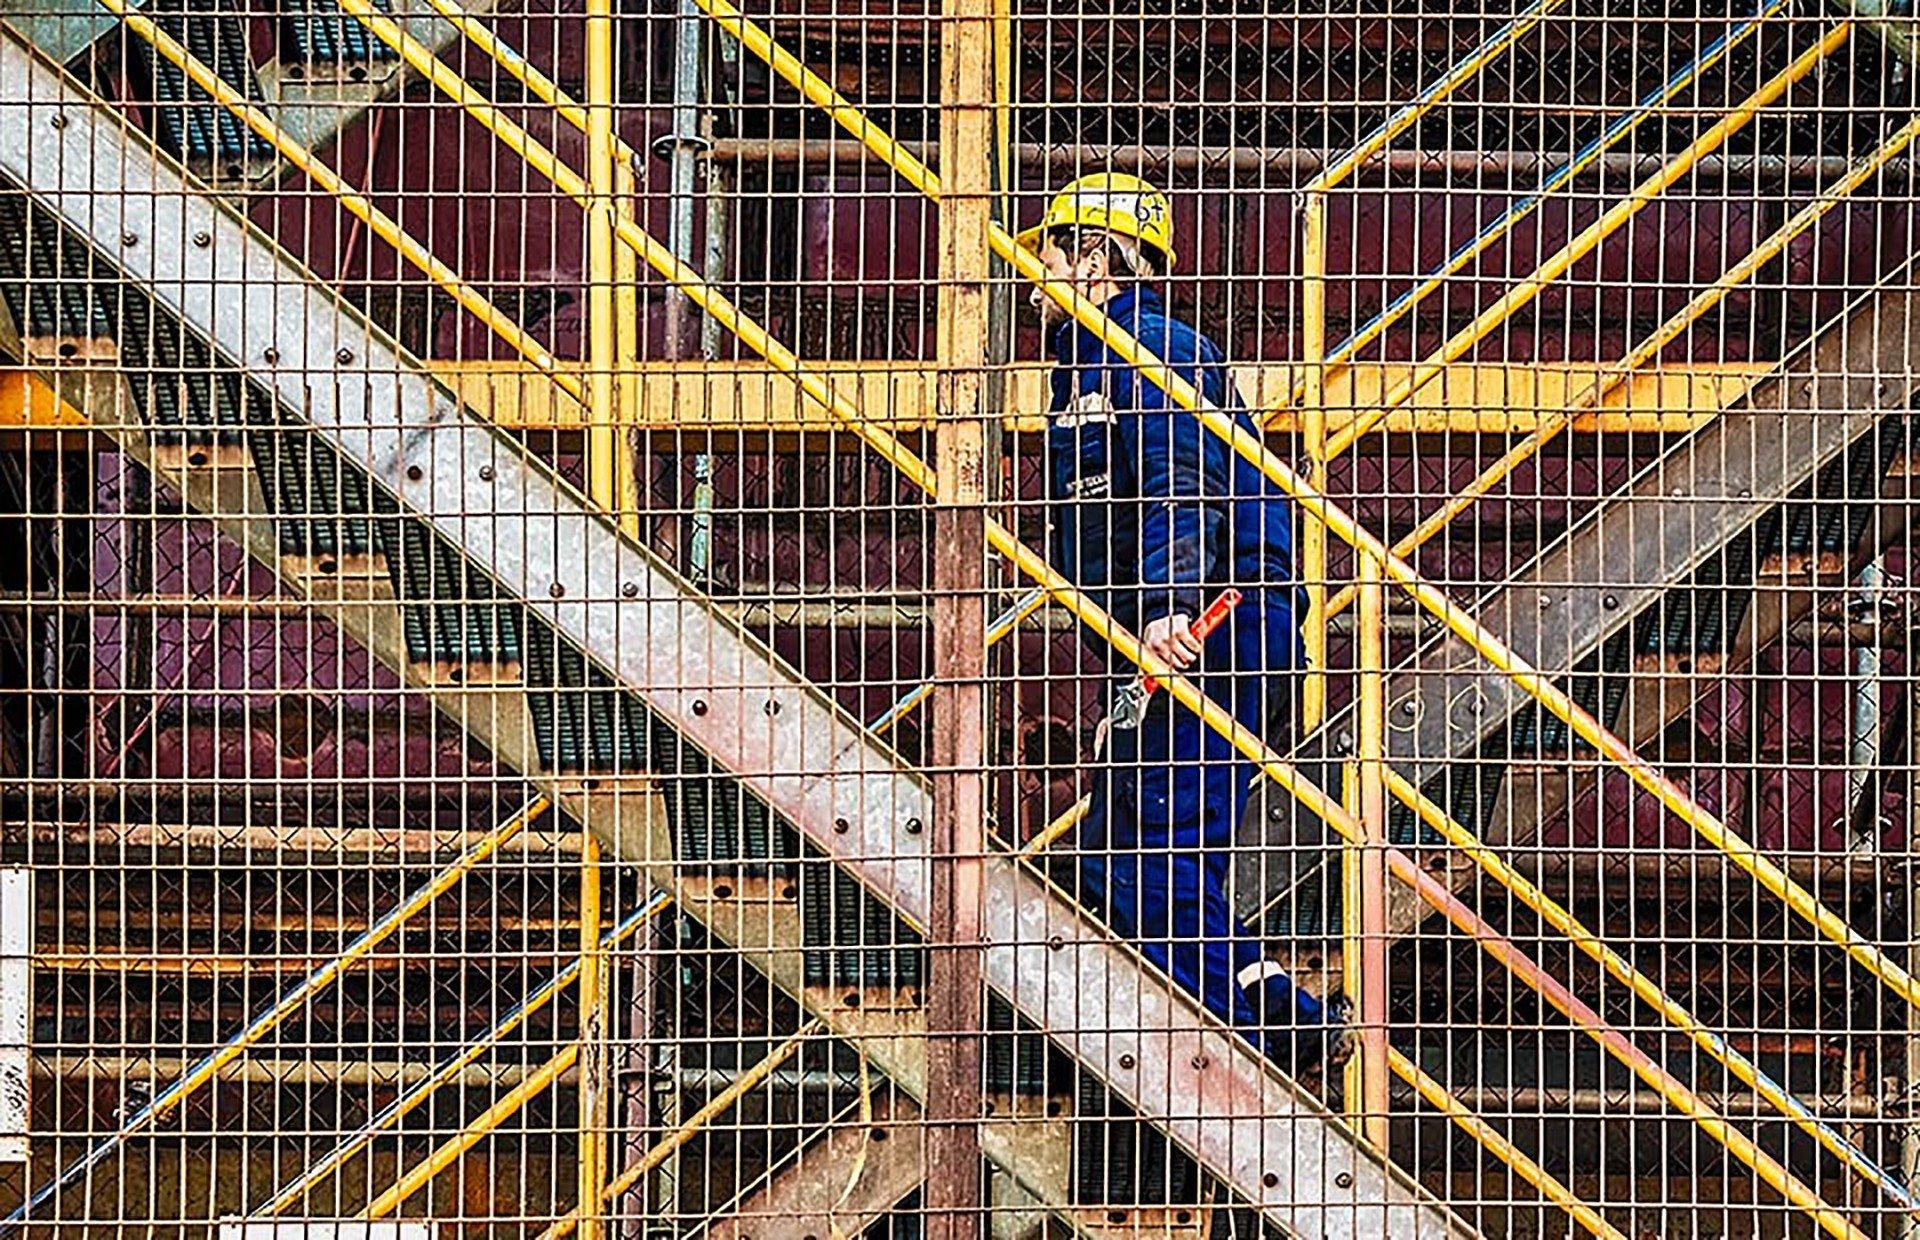 Cemre Tersanesi'nde İş Sağlığı ve Güvenliği Eğitimleri